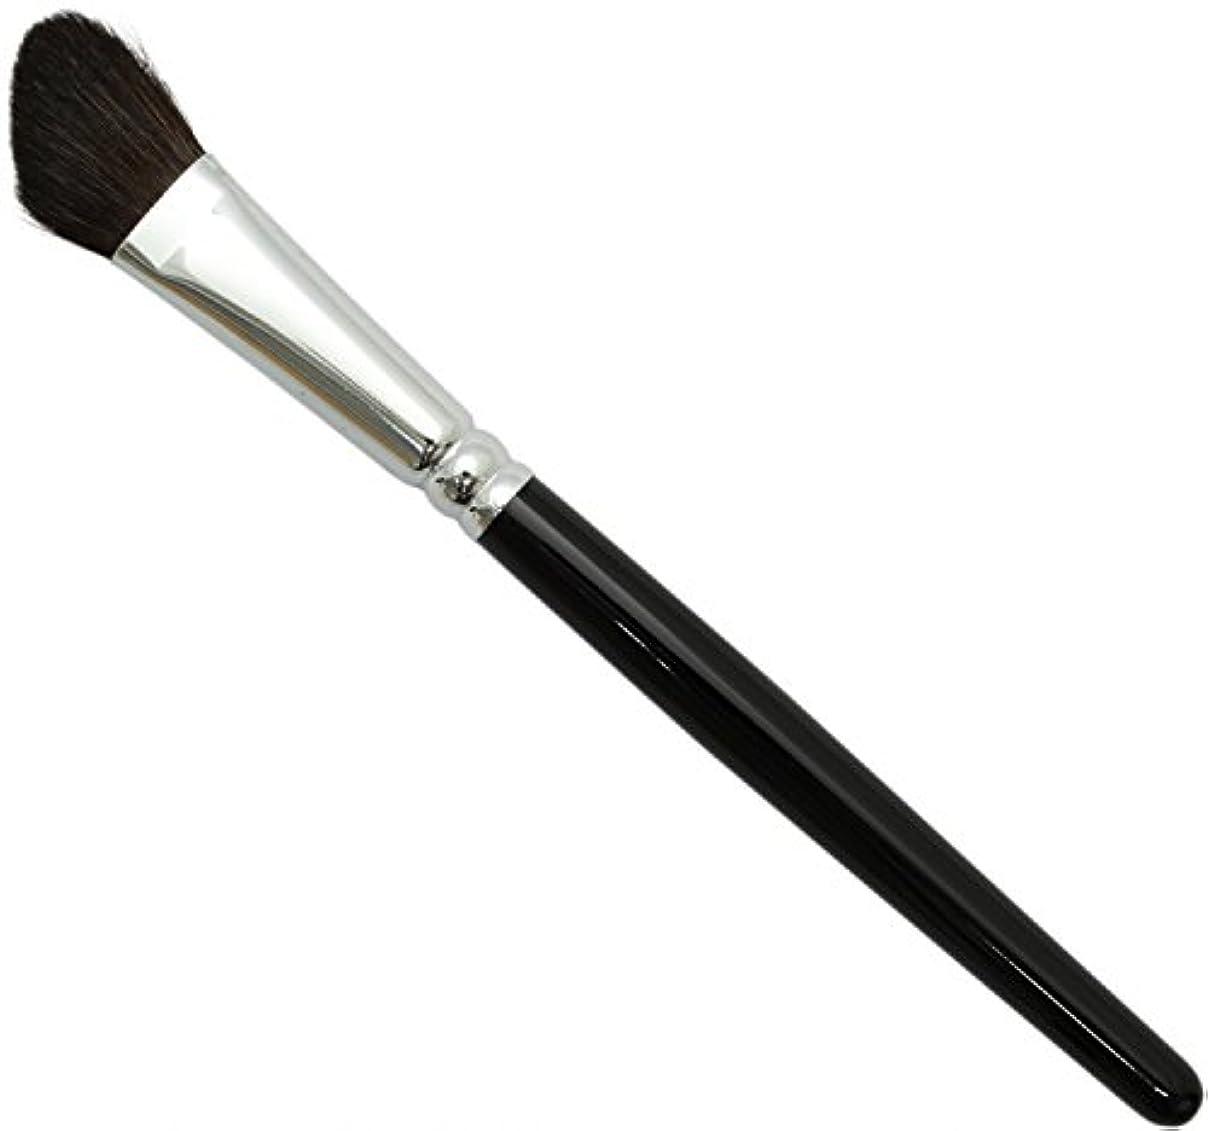 嵐不可能なひどい熊野筆 メイクブラシ SRシリーズ シャドウブラシ 大 馬毛